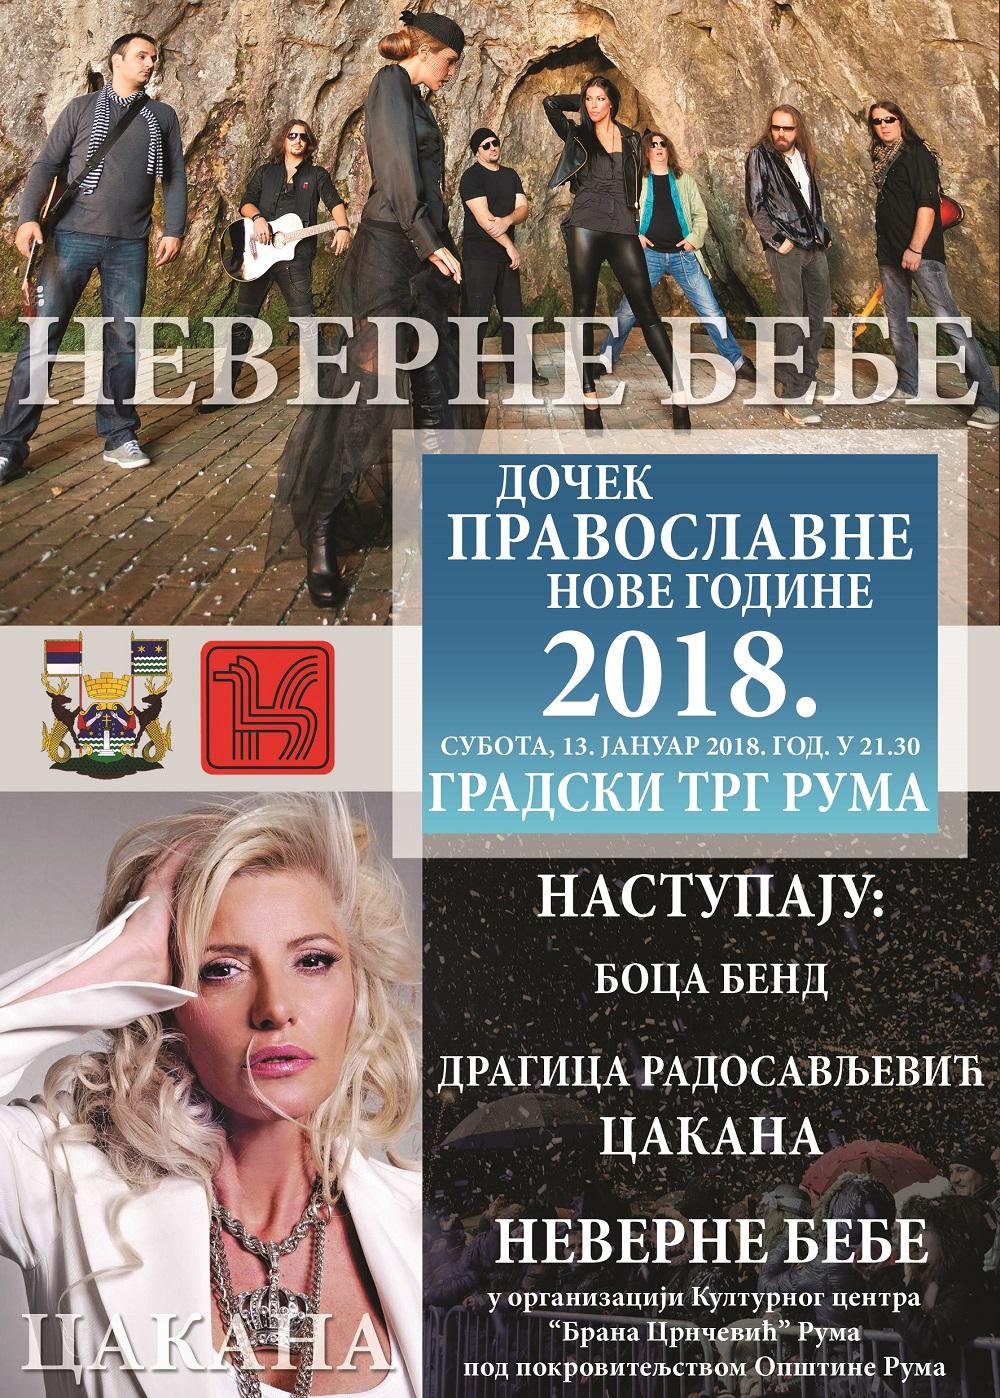 Неверне бебе и Цакана певају на дочеку Српске Нове године у Руми